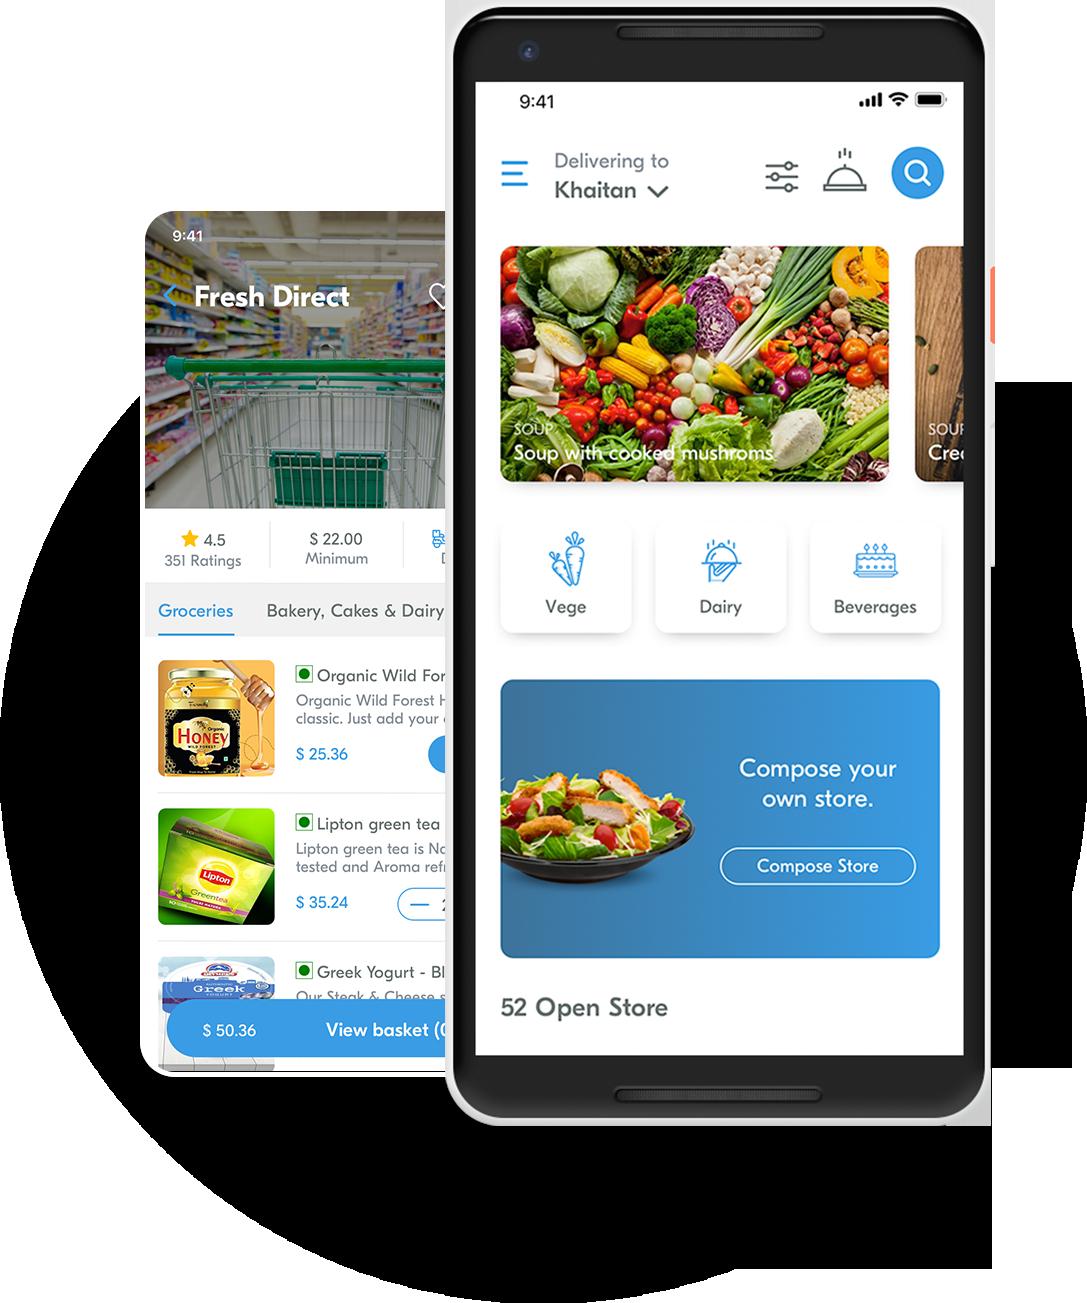 InstaShop Clone App